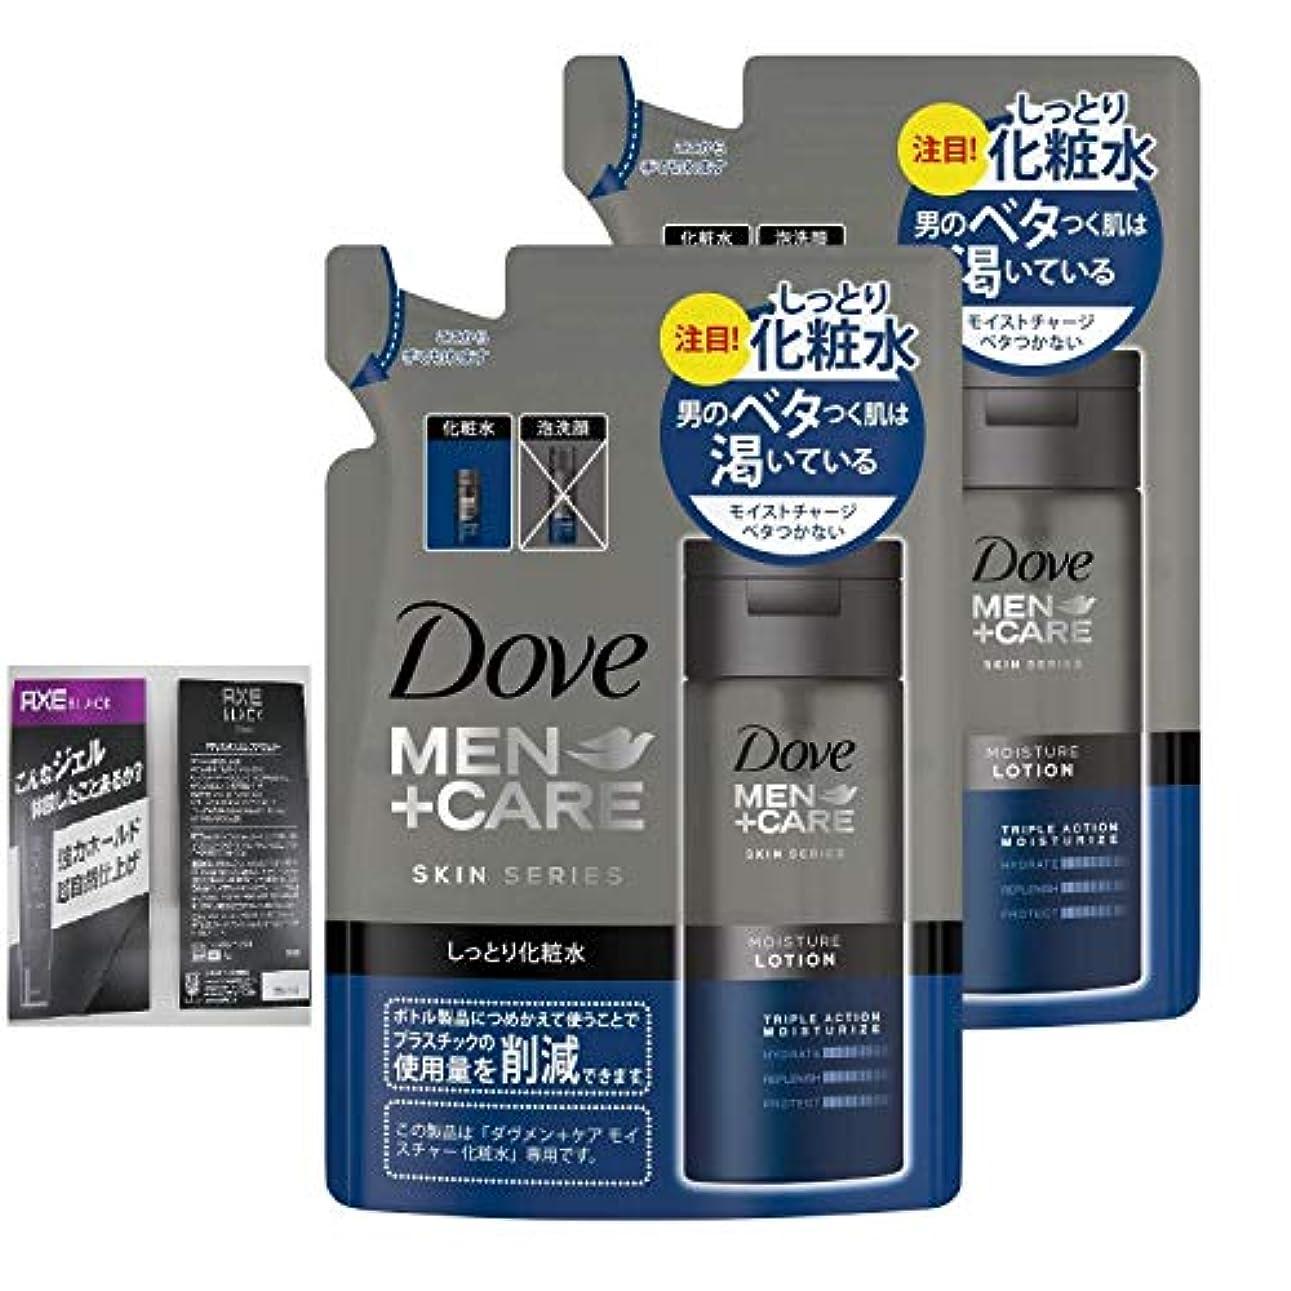 才能のある筋教義【Amazon.co.jp限定】 ダヴメン+ケア モイスチャー 化粧水 つめかえ用 130ml×2個